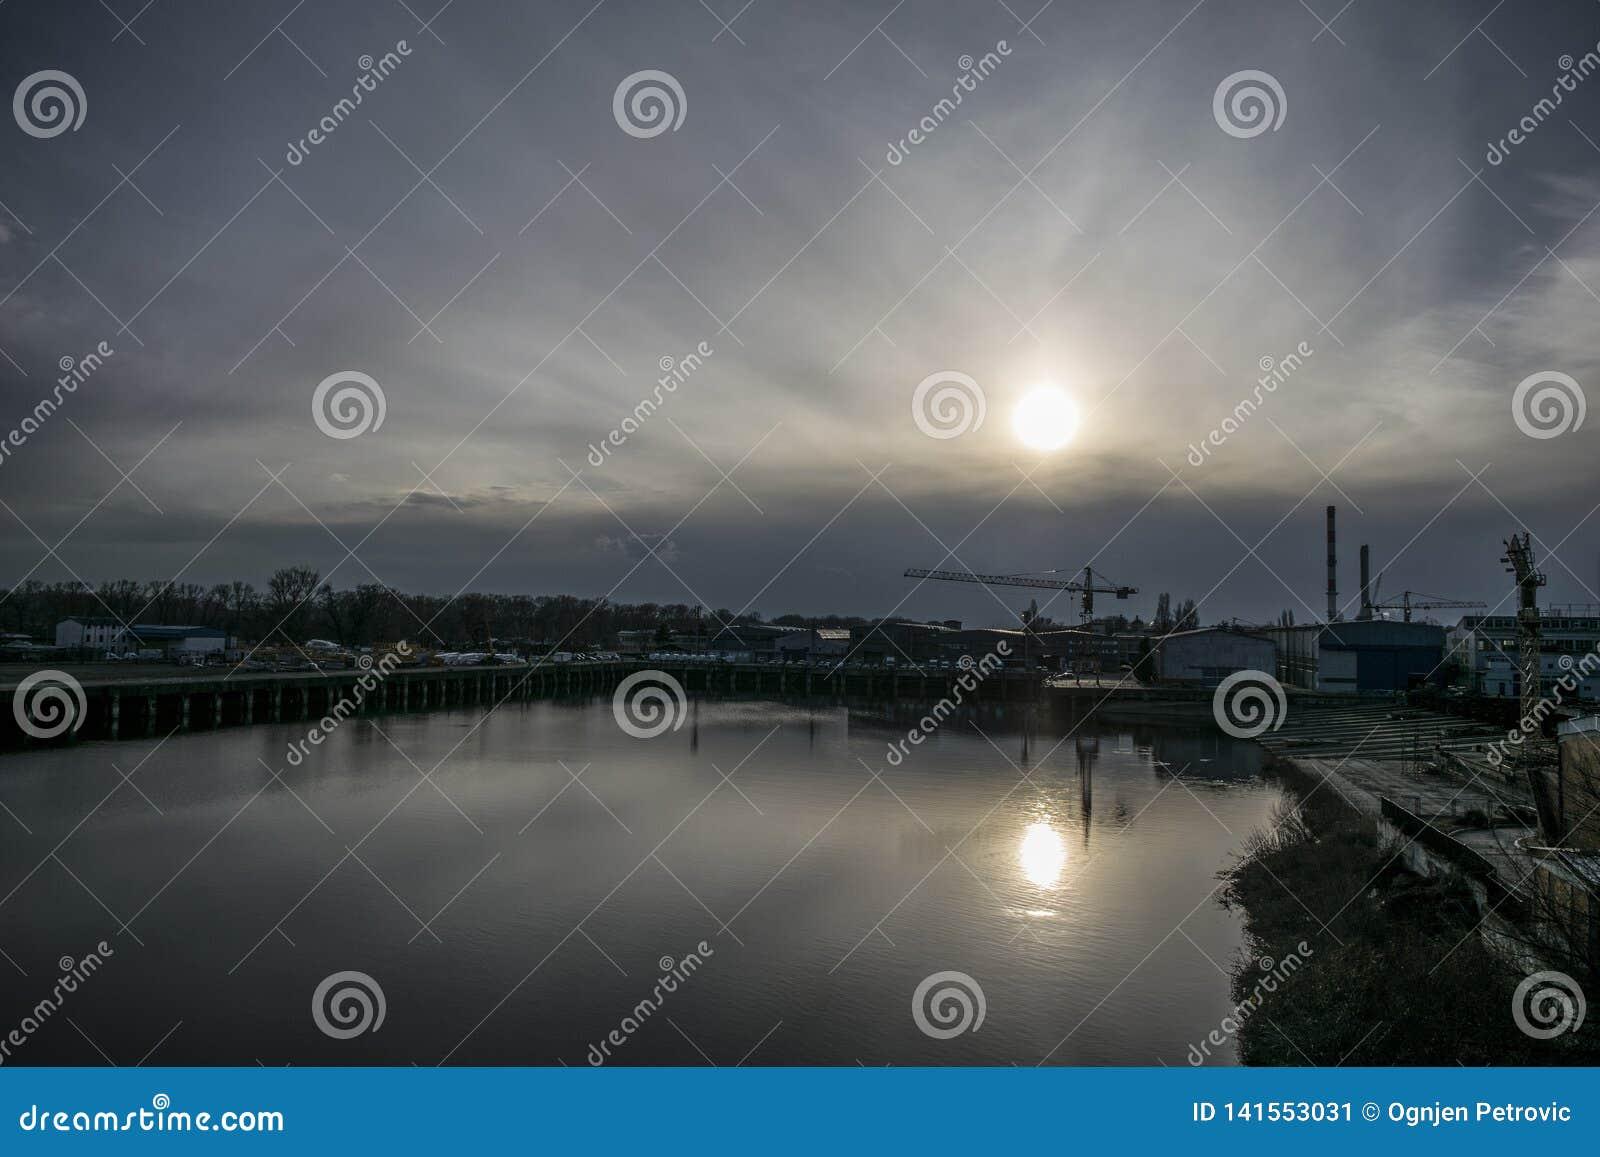 Le chantier naval sur la rivière assouvit pendant que le soleil descend lentement sur l horizon